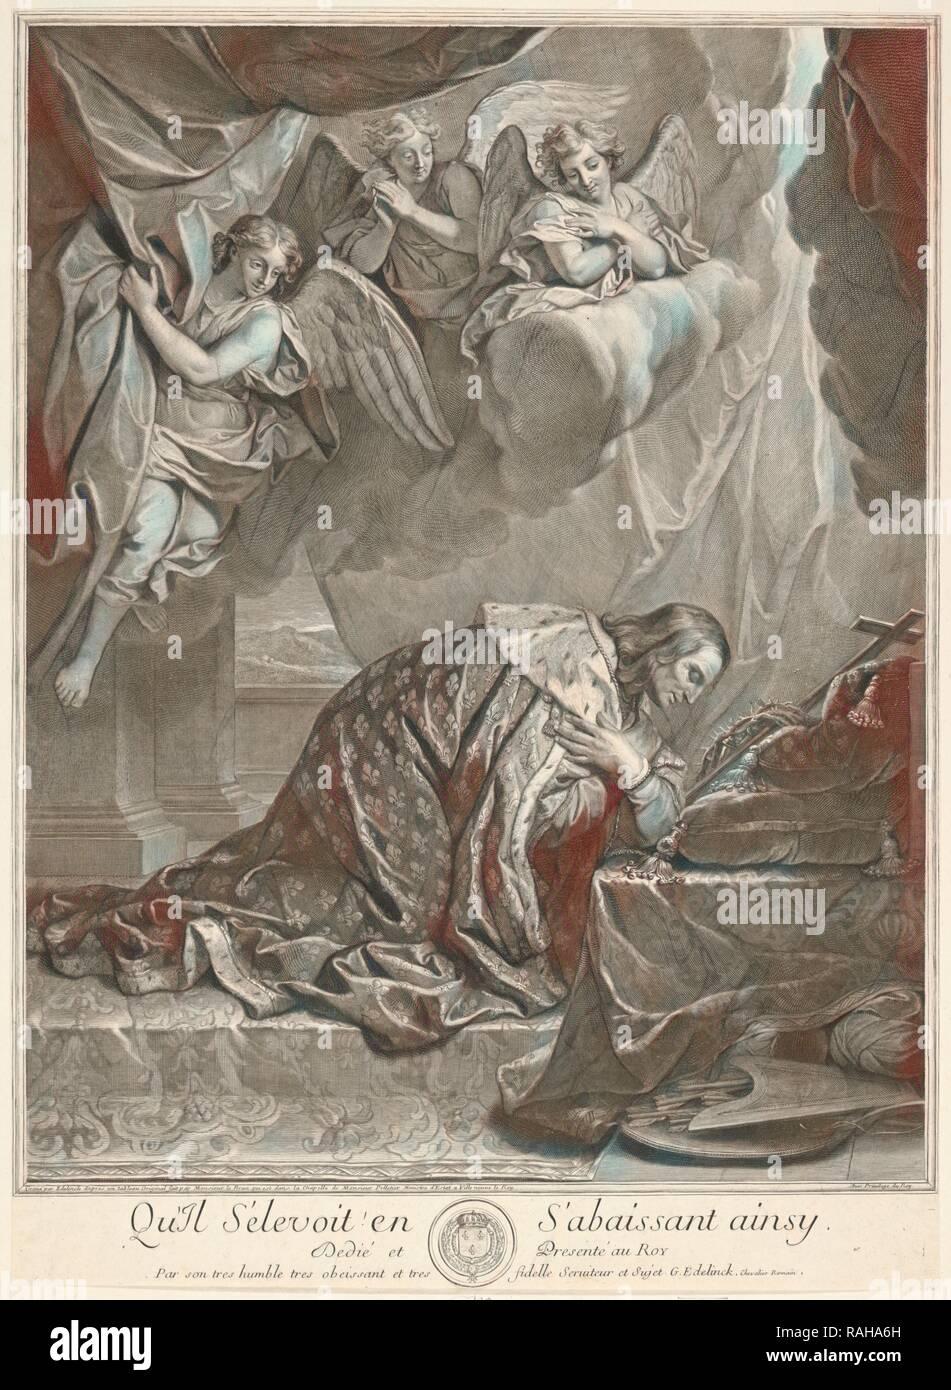 Ritratto di San Luigi, re di Francia, Edelinck, Gérard, 1640-1707, Le Brun, Charles, 1619-1690, incisione, nero- reinventato Foto Stock